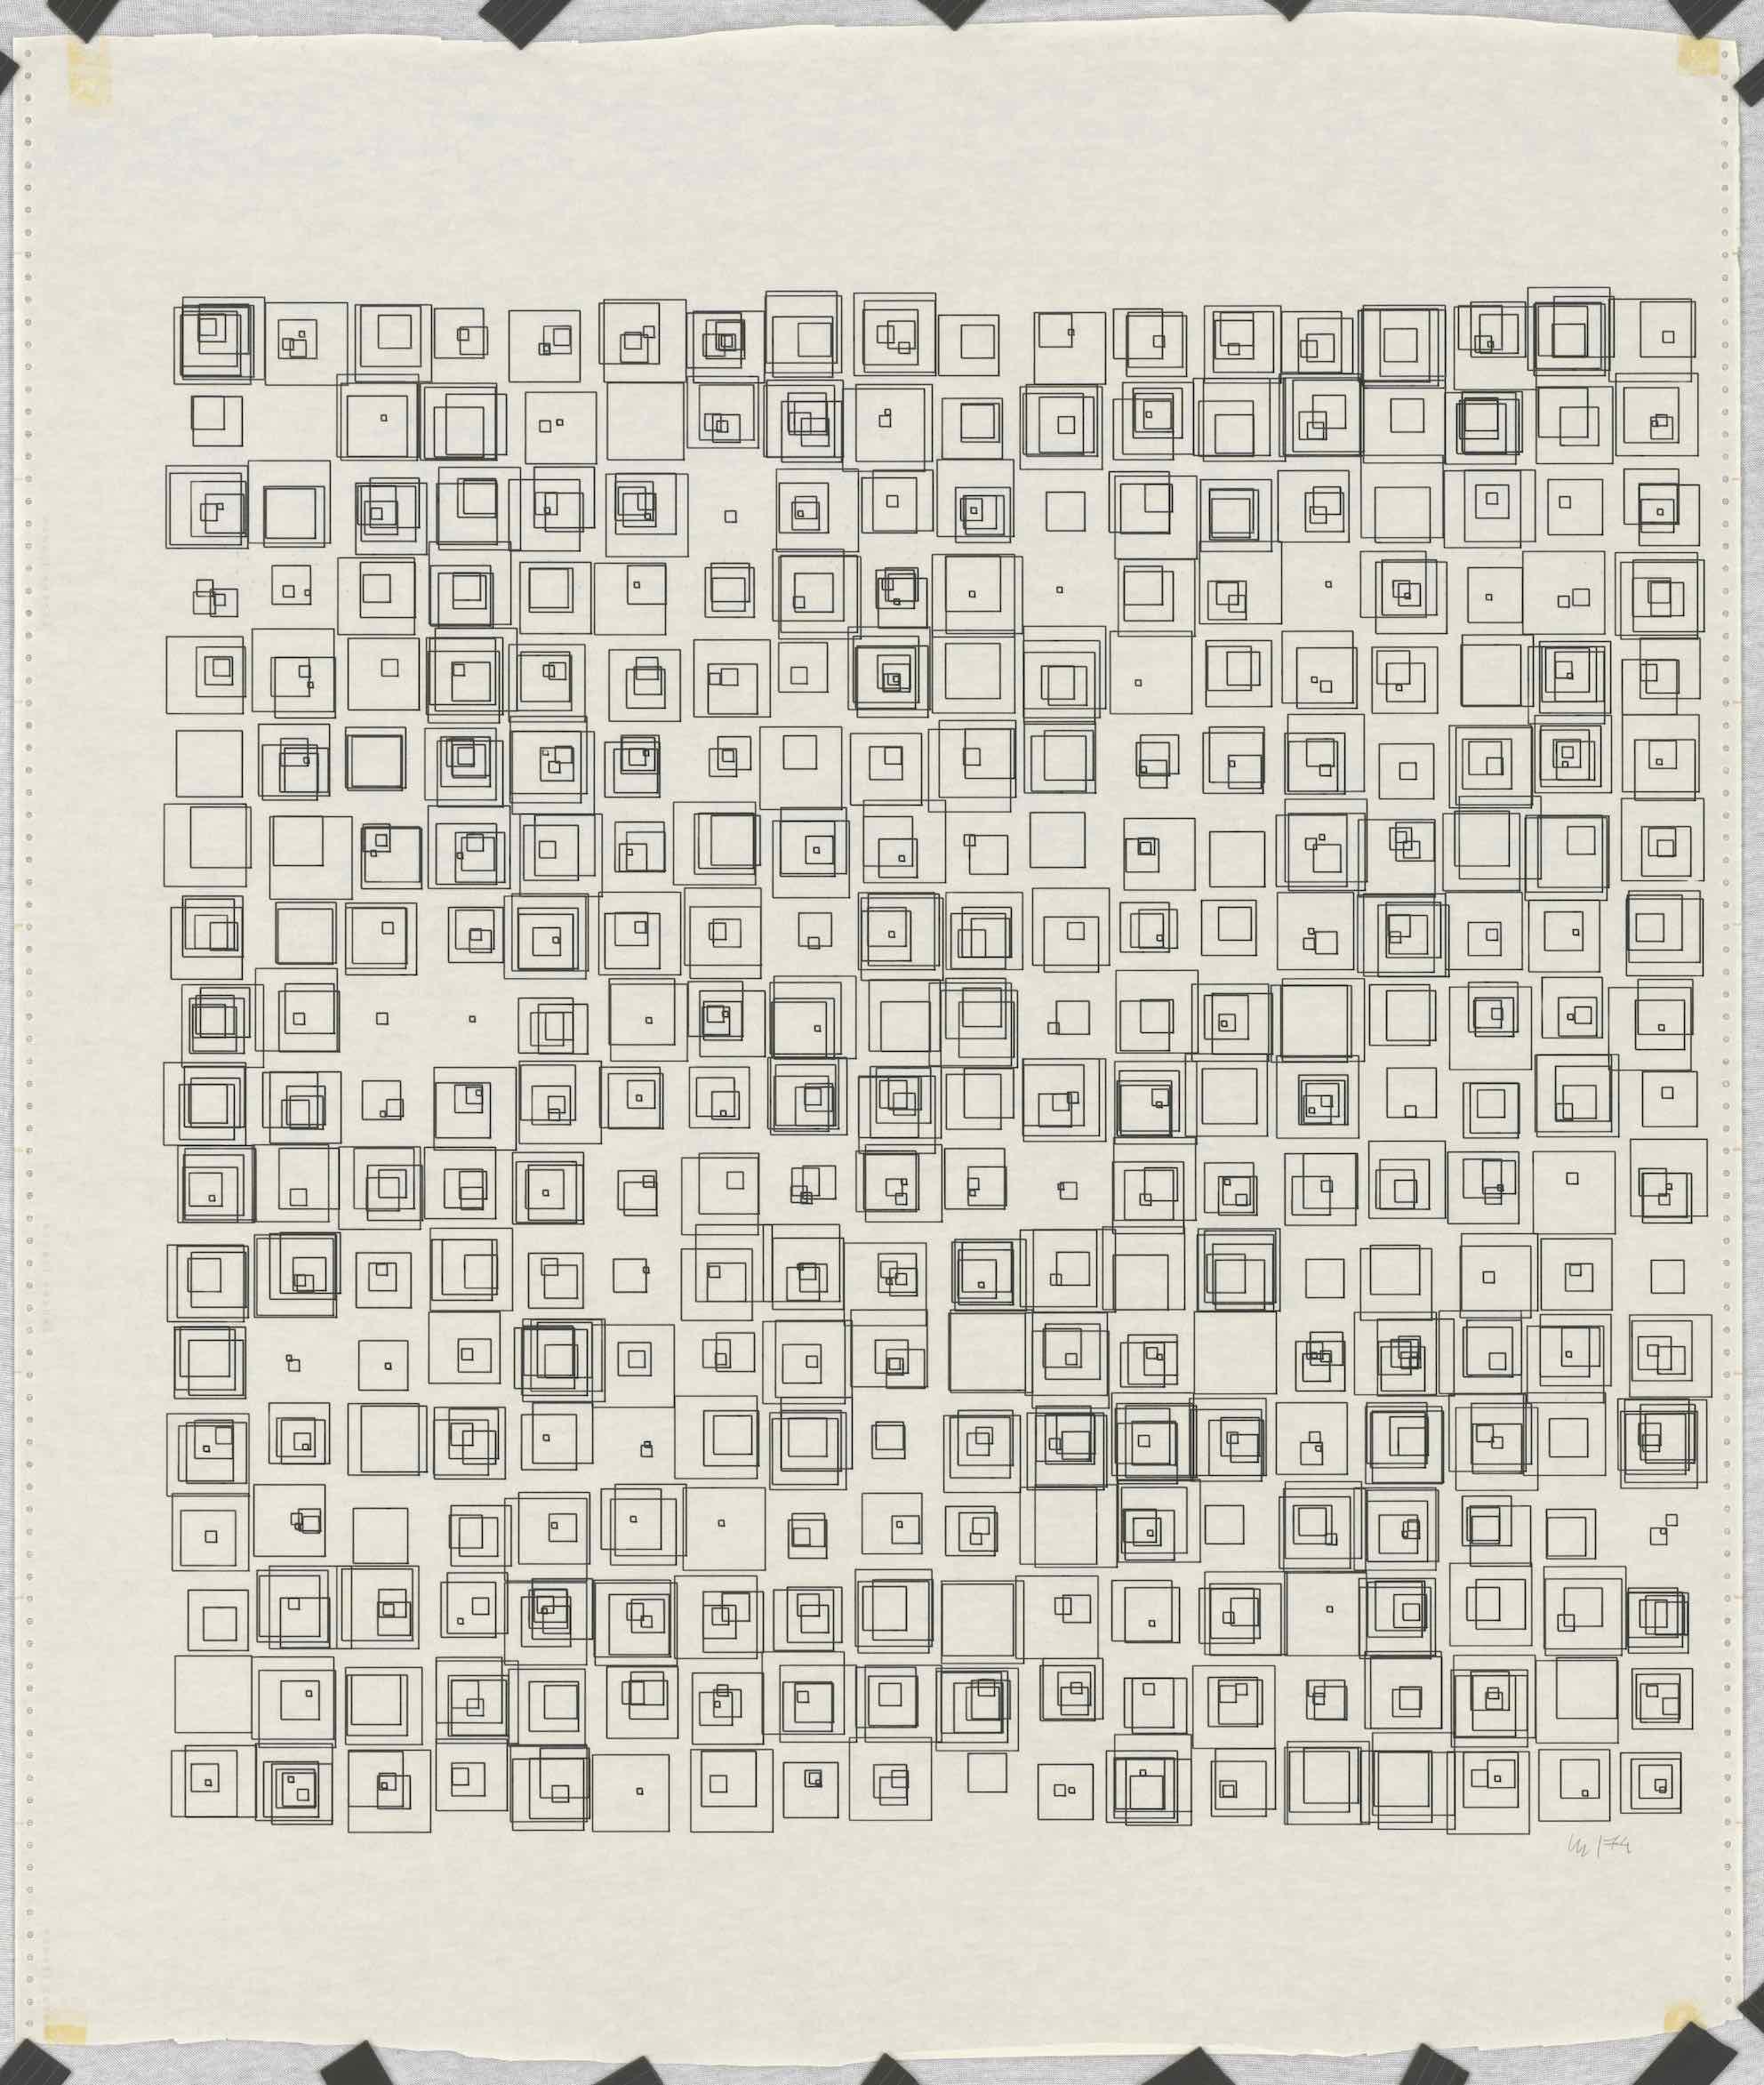 Vera Molnar, (Des)Ordres Serie, Plotterzeichnung, Tinte auf Papier, 70 x 70 cm, 1974, Preis: 18 000 Euro